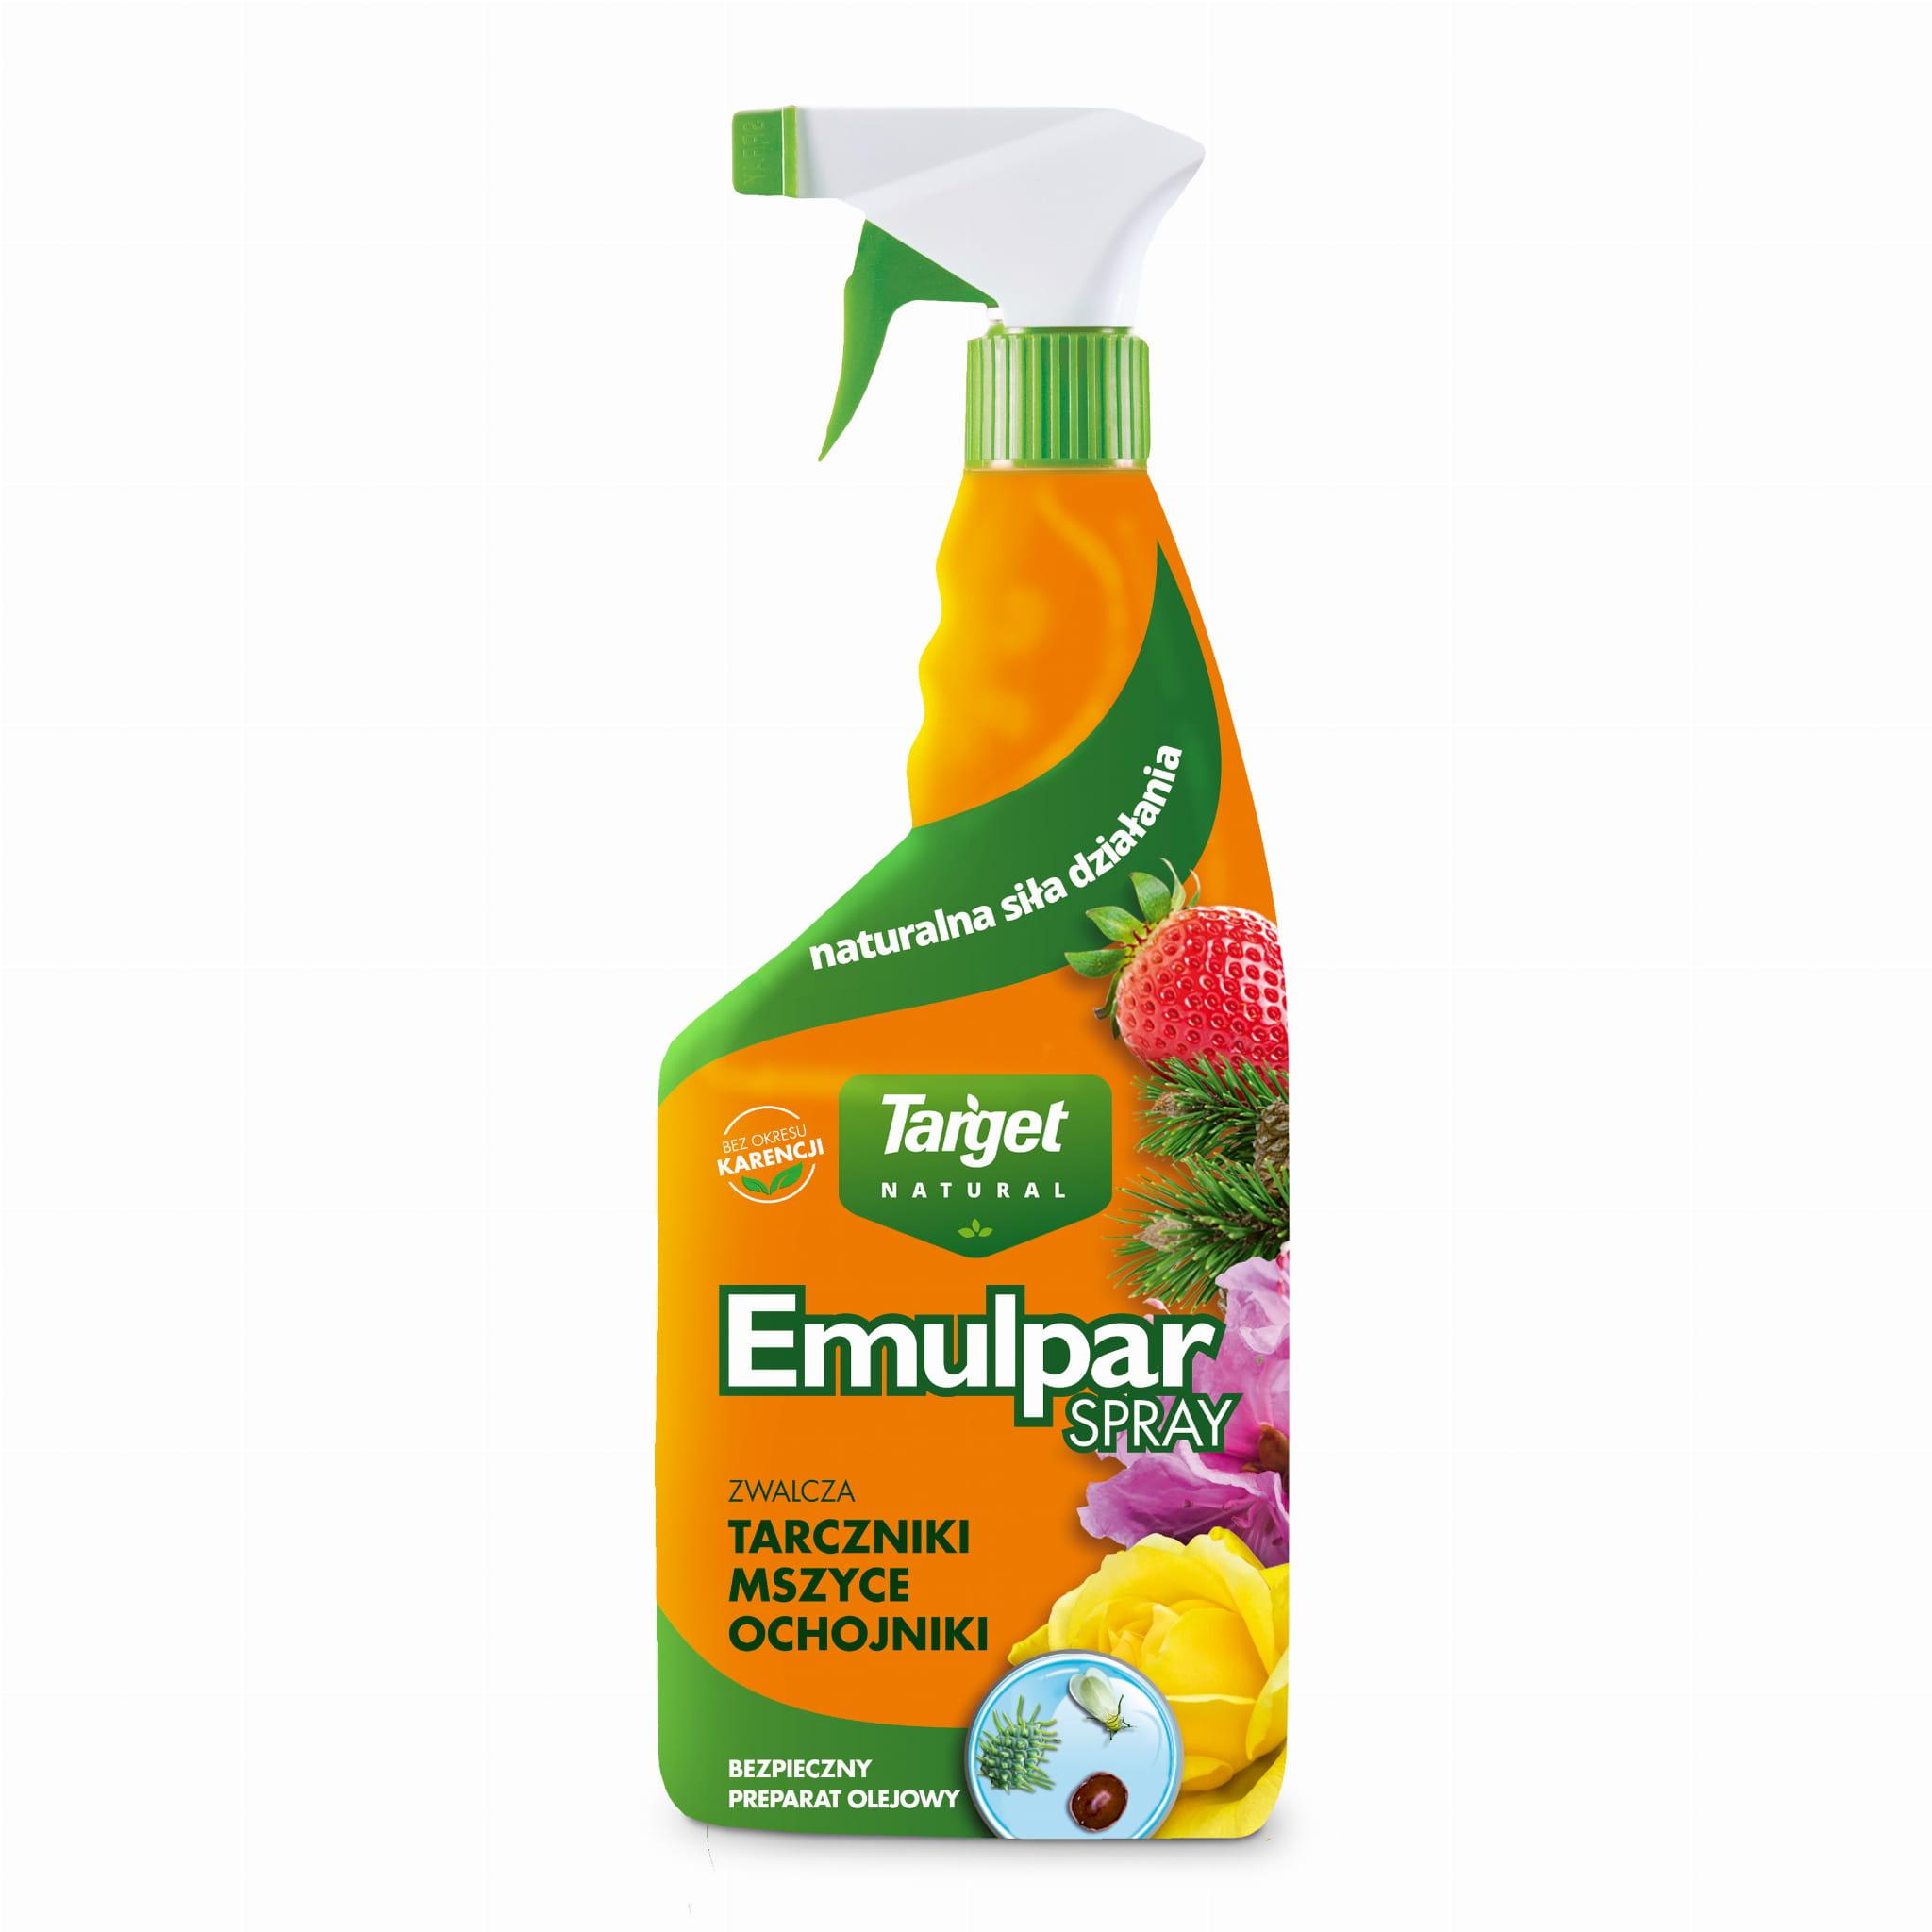 Emulpar Spray – Zwalcza ochojniki, tarczniki i mączliki na roślinach ozdobnych i warzywach – 750 ml | Target